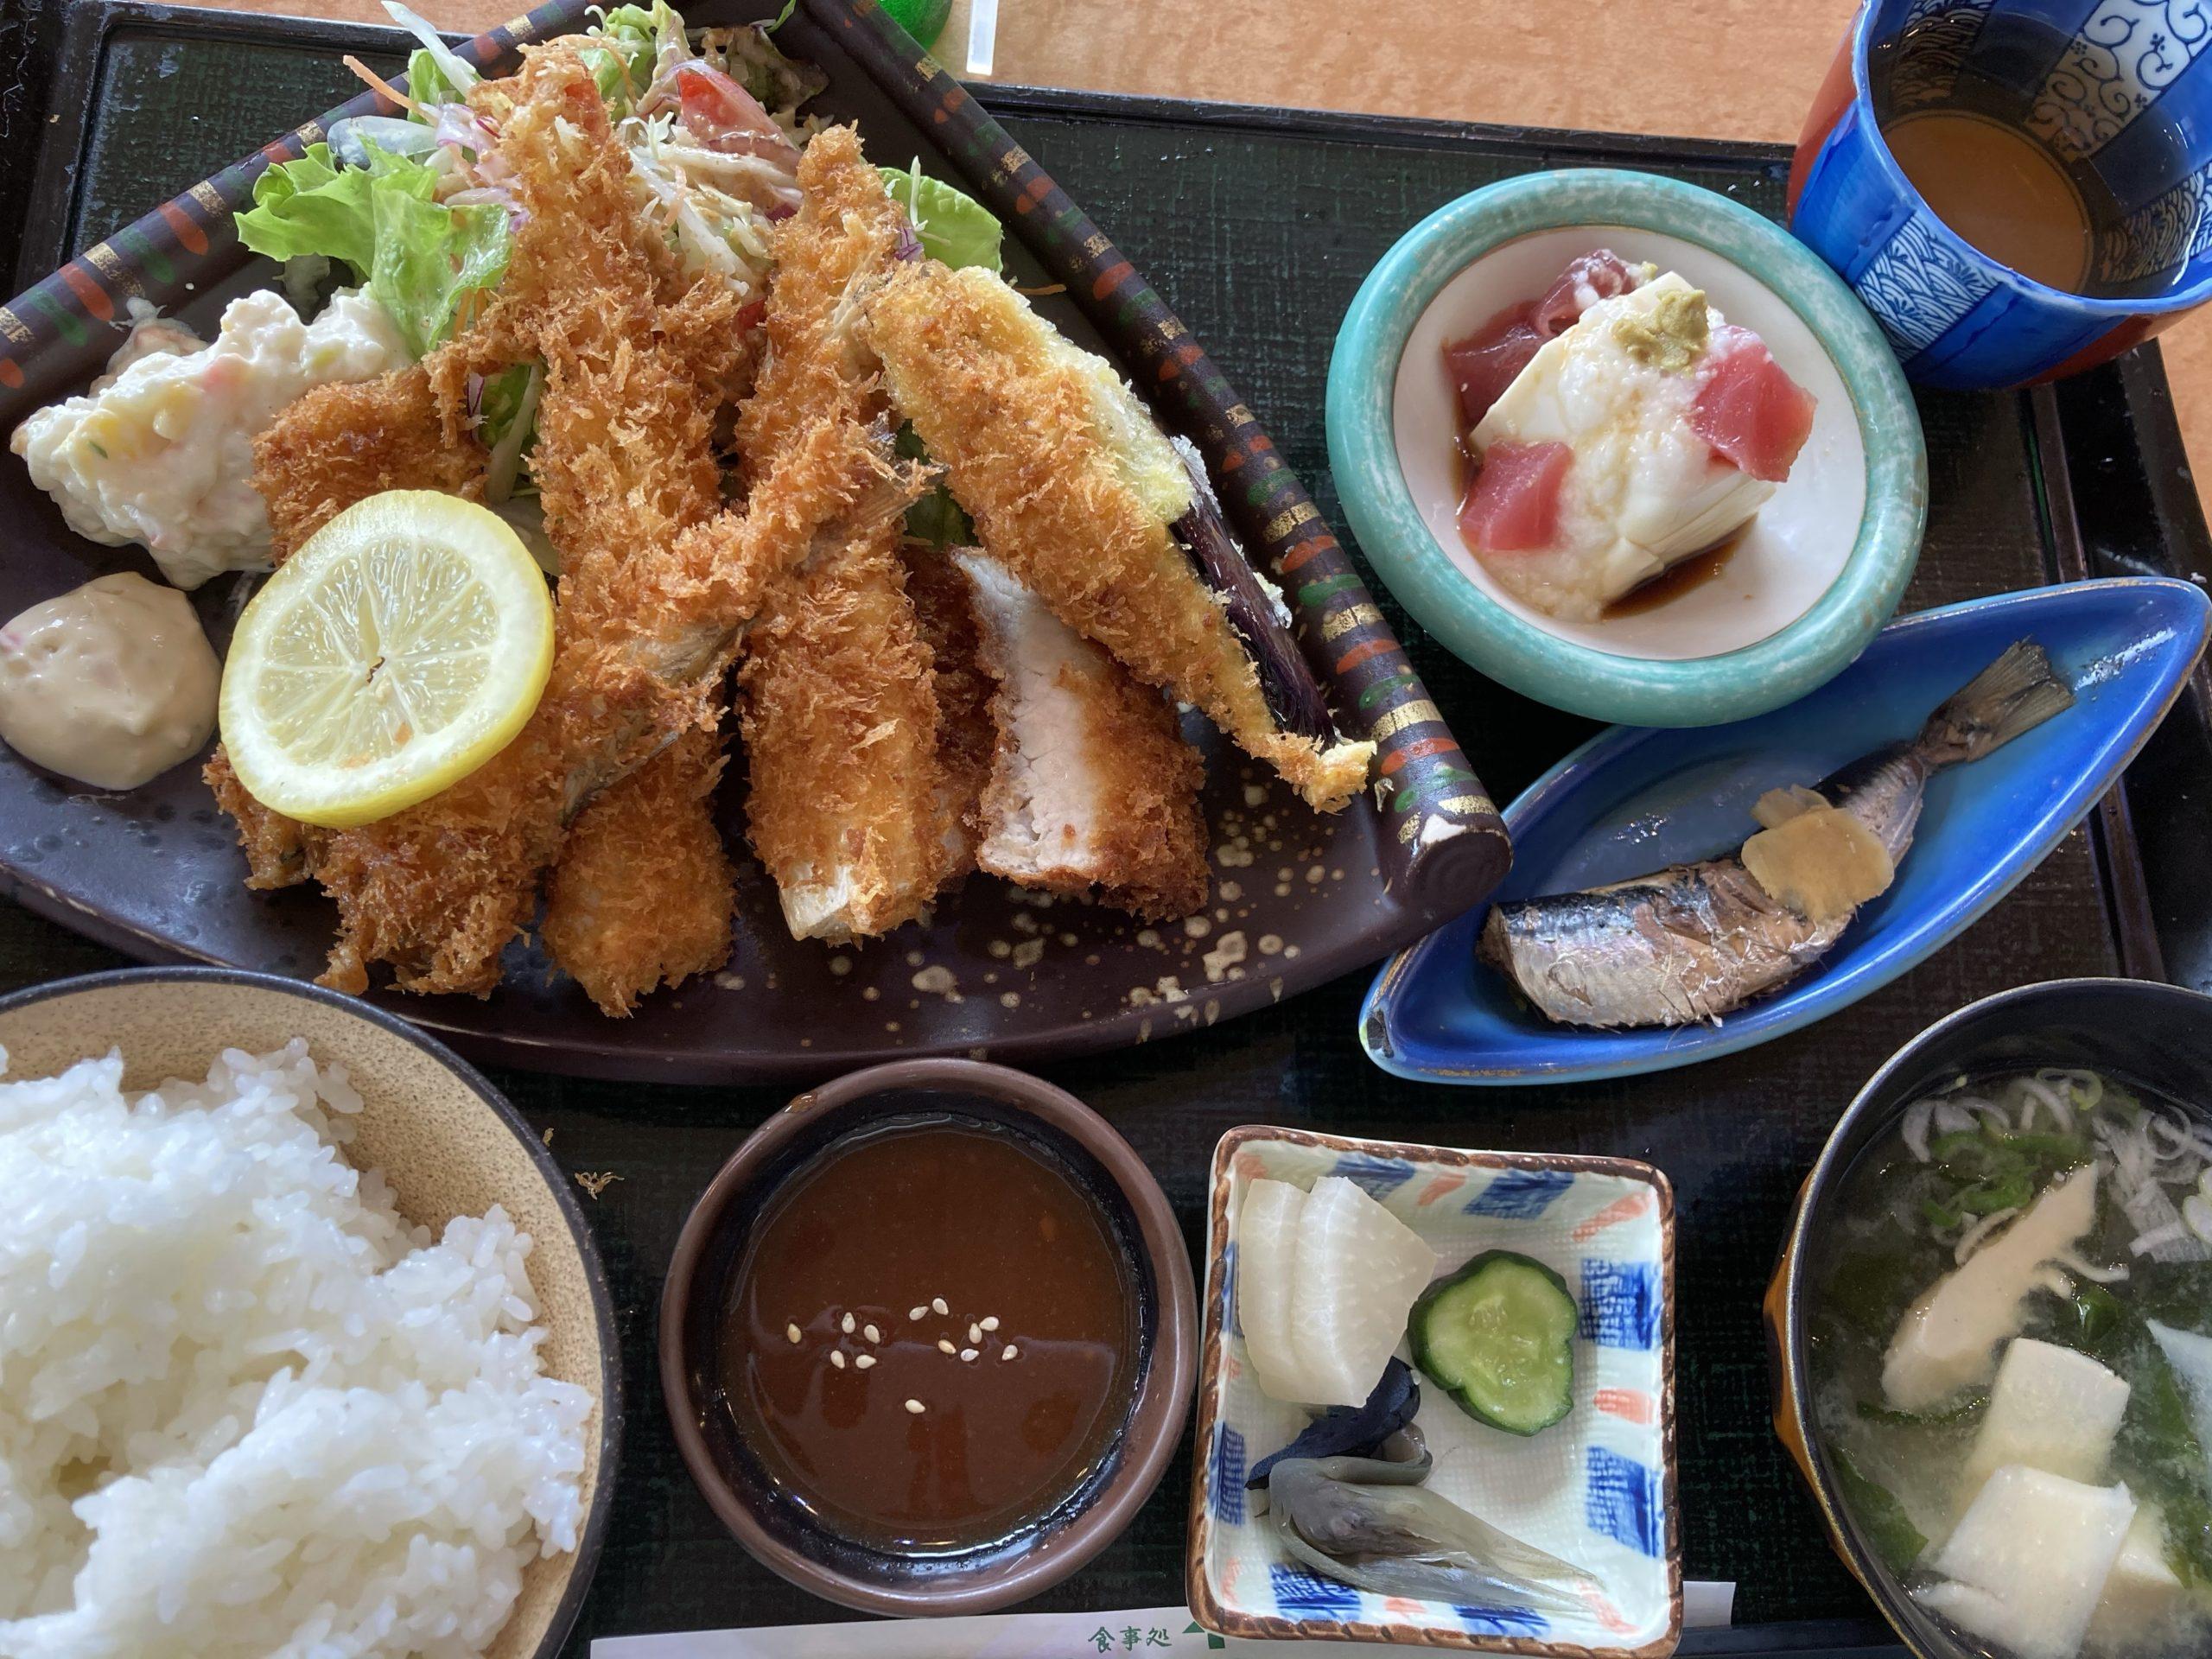 中島の町民に愛されている和風レストラン「どもん」【中島町】